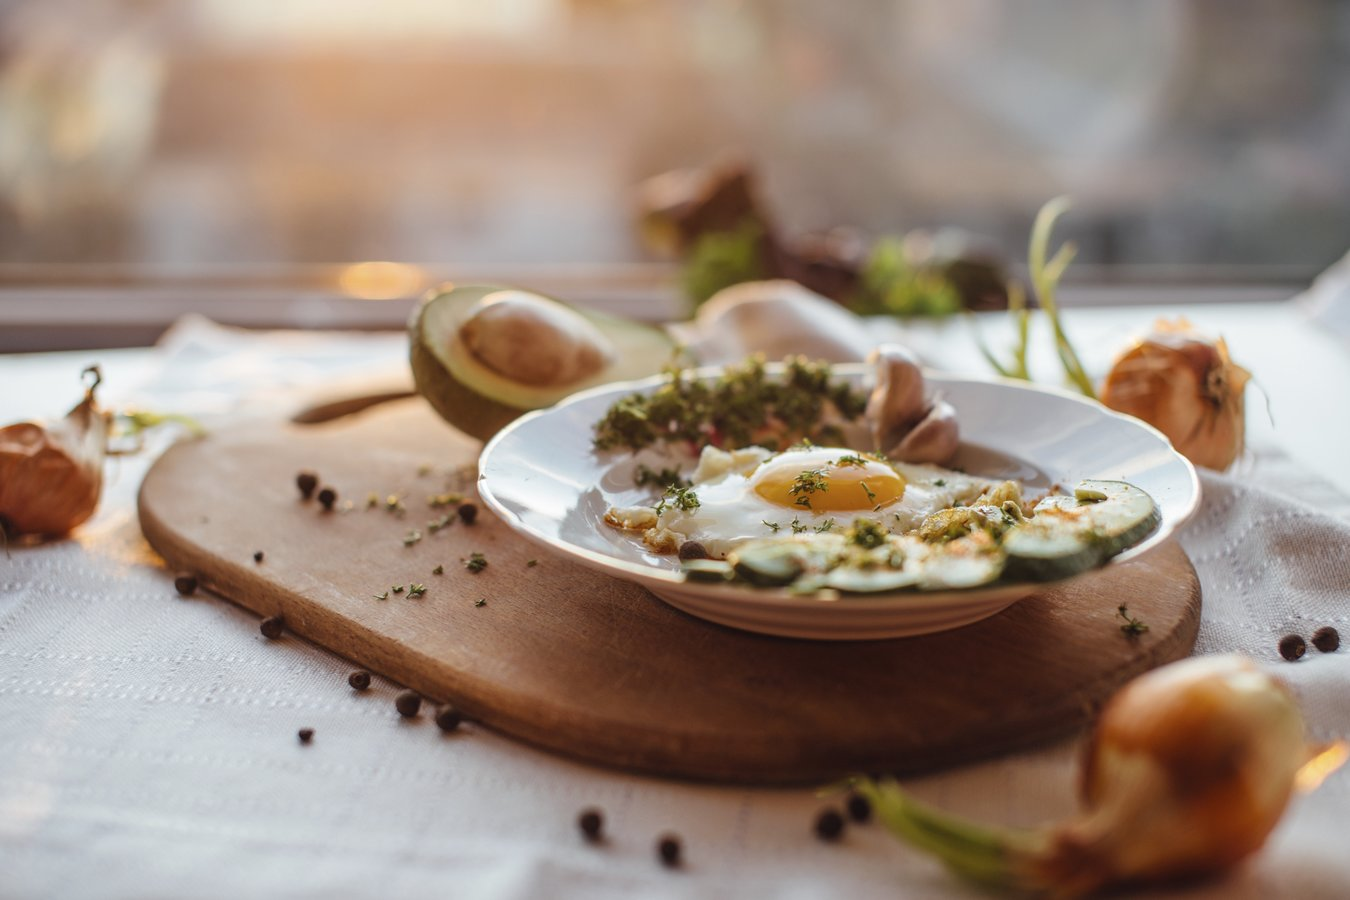 Viele klassischen Frühstücksoptionen entahlten glutenhaltiges Getreide, aber es gibt zahlreiche leckere Alternativen!